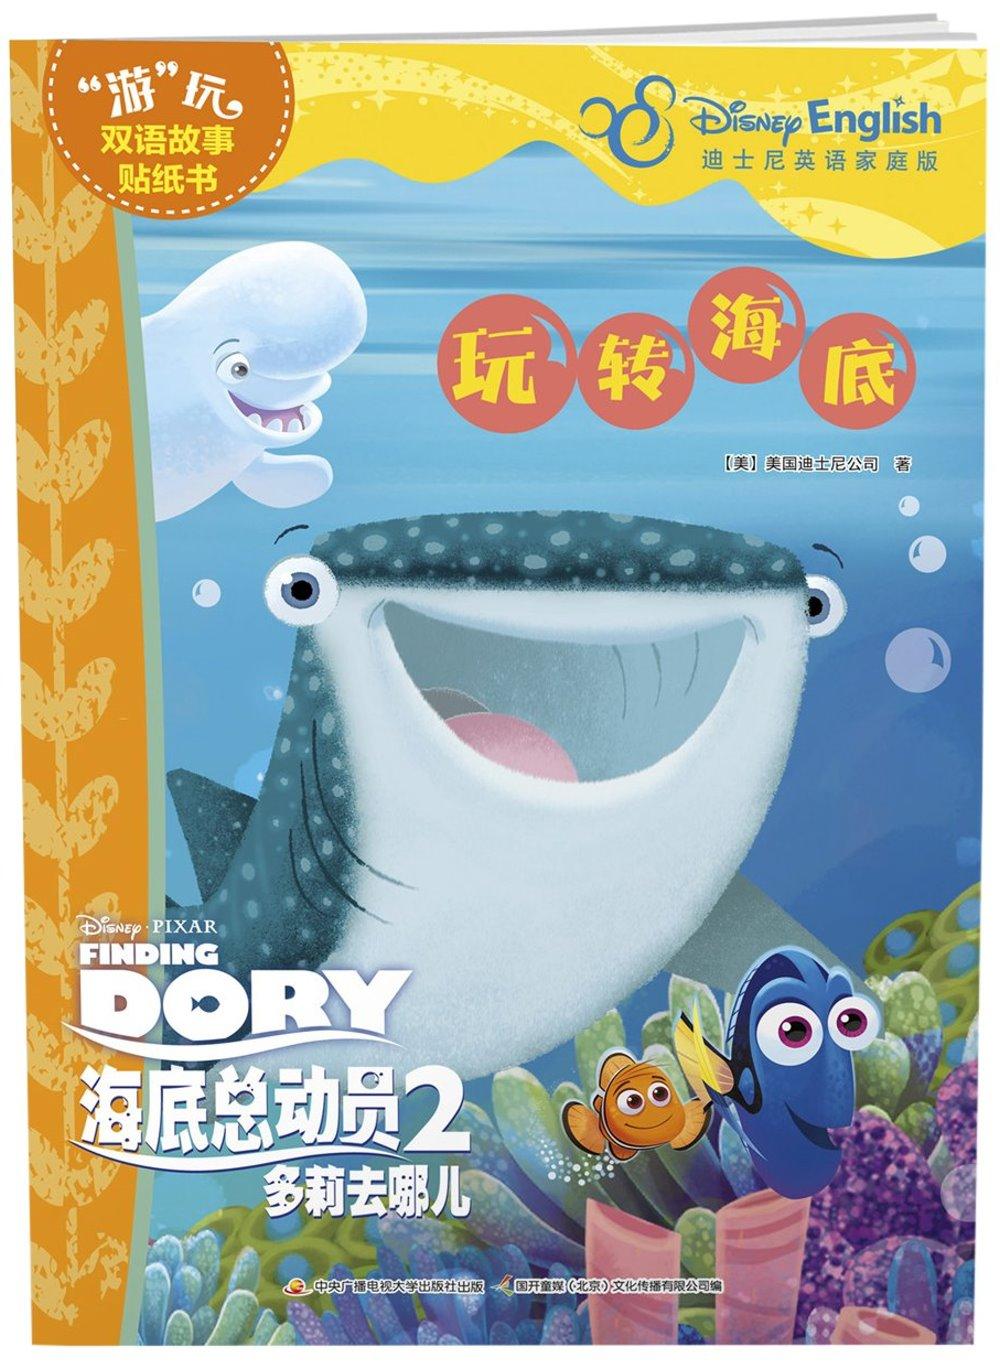 海底總動員2多莉去哪兒玩轉海底~迪士尼英語家庭版